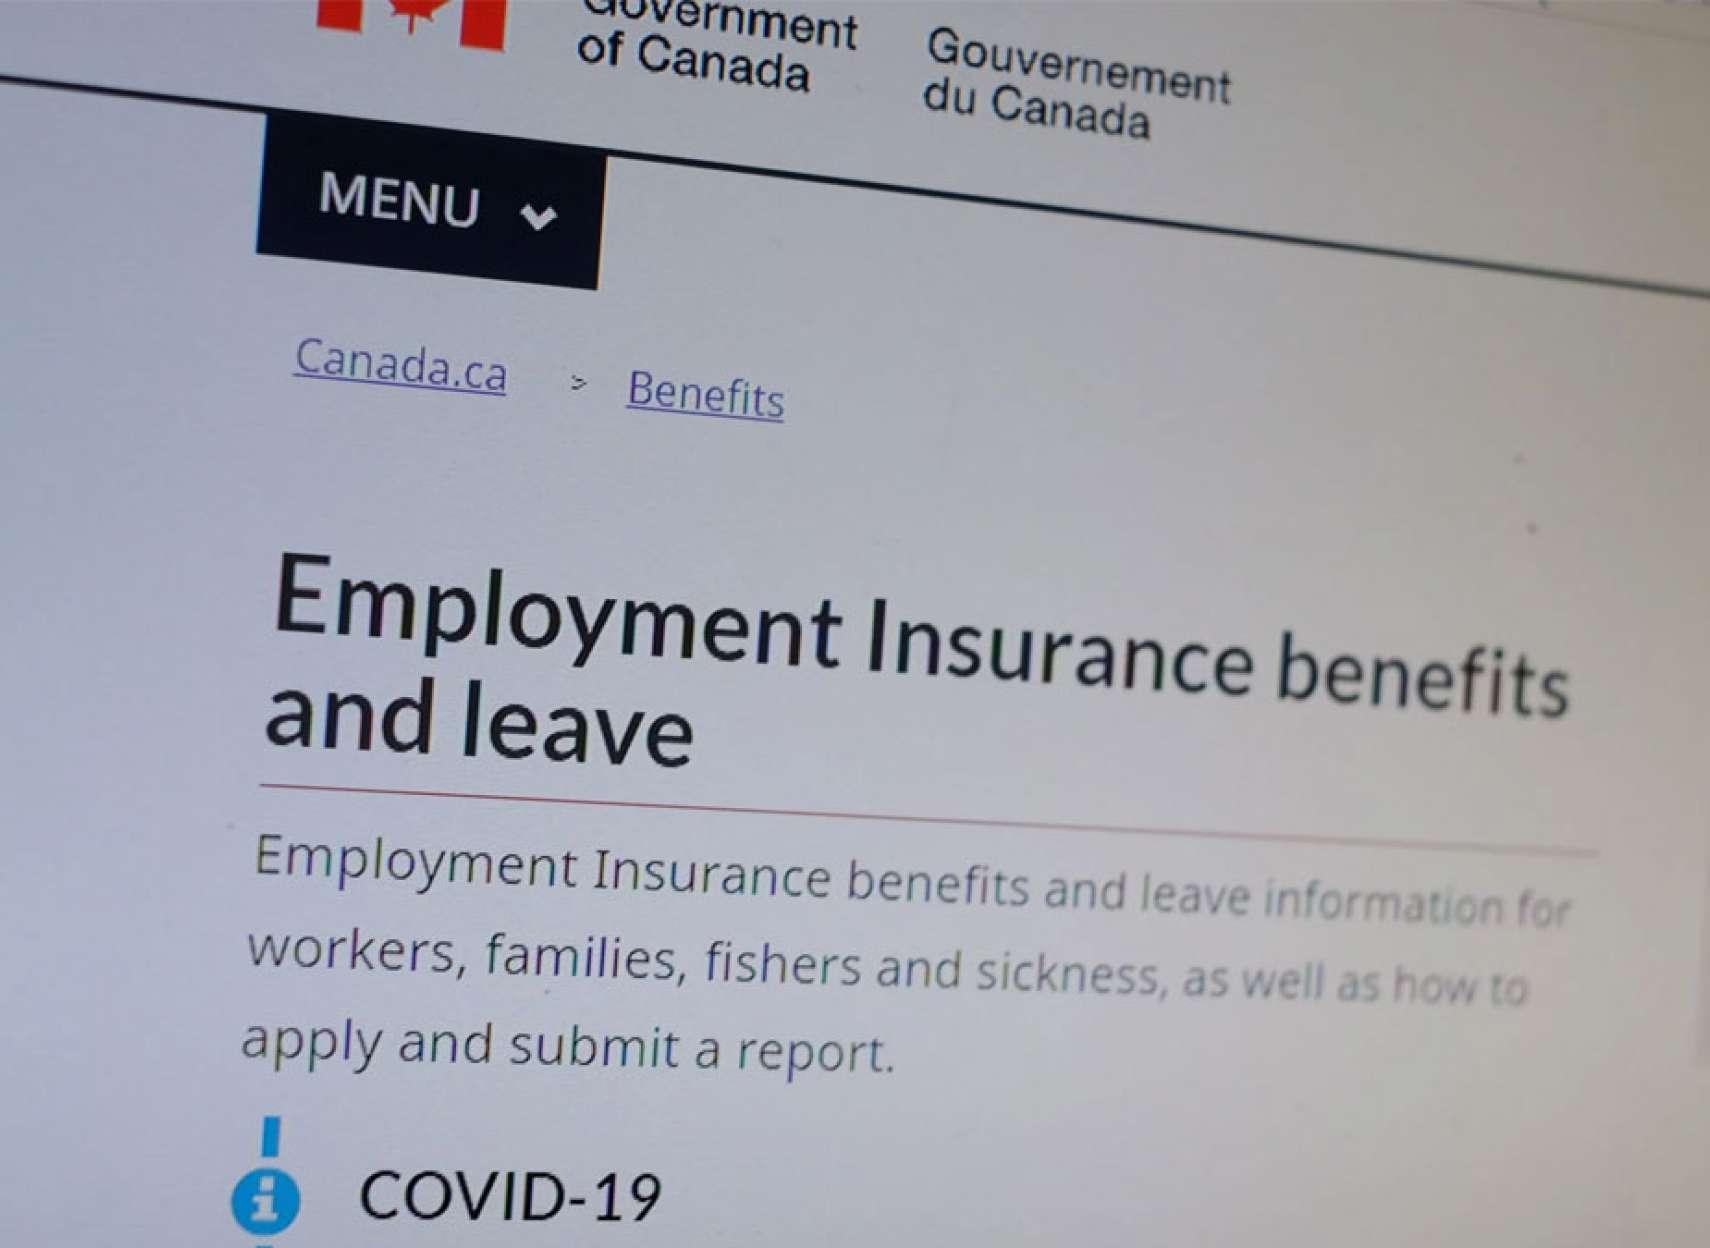 خبر-کانادا-فشارهای-همه-جانبه-به-ترودو-برای-ادامه-کمک-هایی-که-این-ماه-قطع-می-شوند